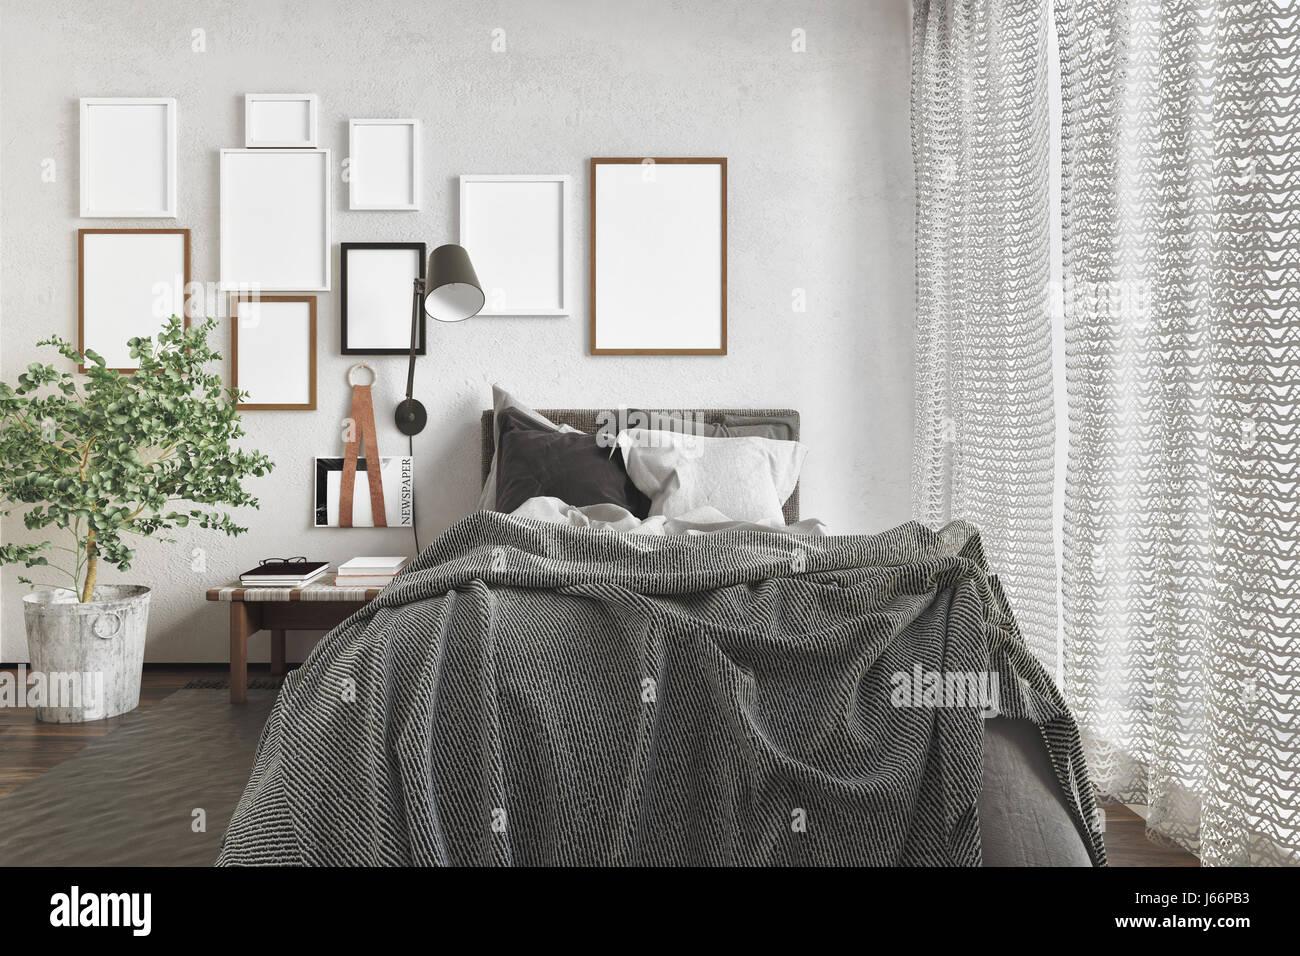 Chaotisch Moderne Schlafzimmer Mit Ein Ungemachtes Bett Und Eine Reihe Von  Leeren Bilderrahmen An Der Wand Durch Tageslicht Durch Ein Großes Fenster  Mit ...